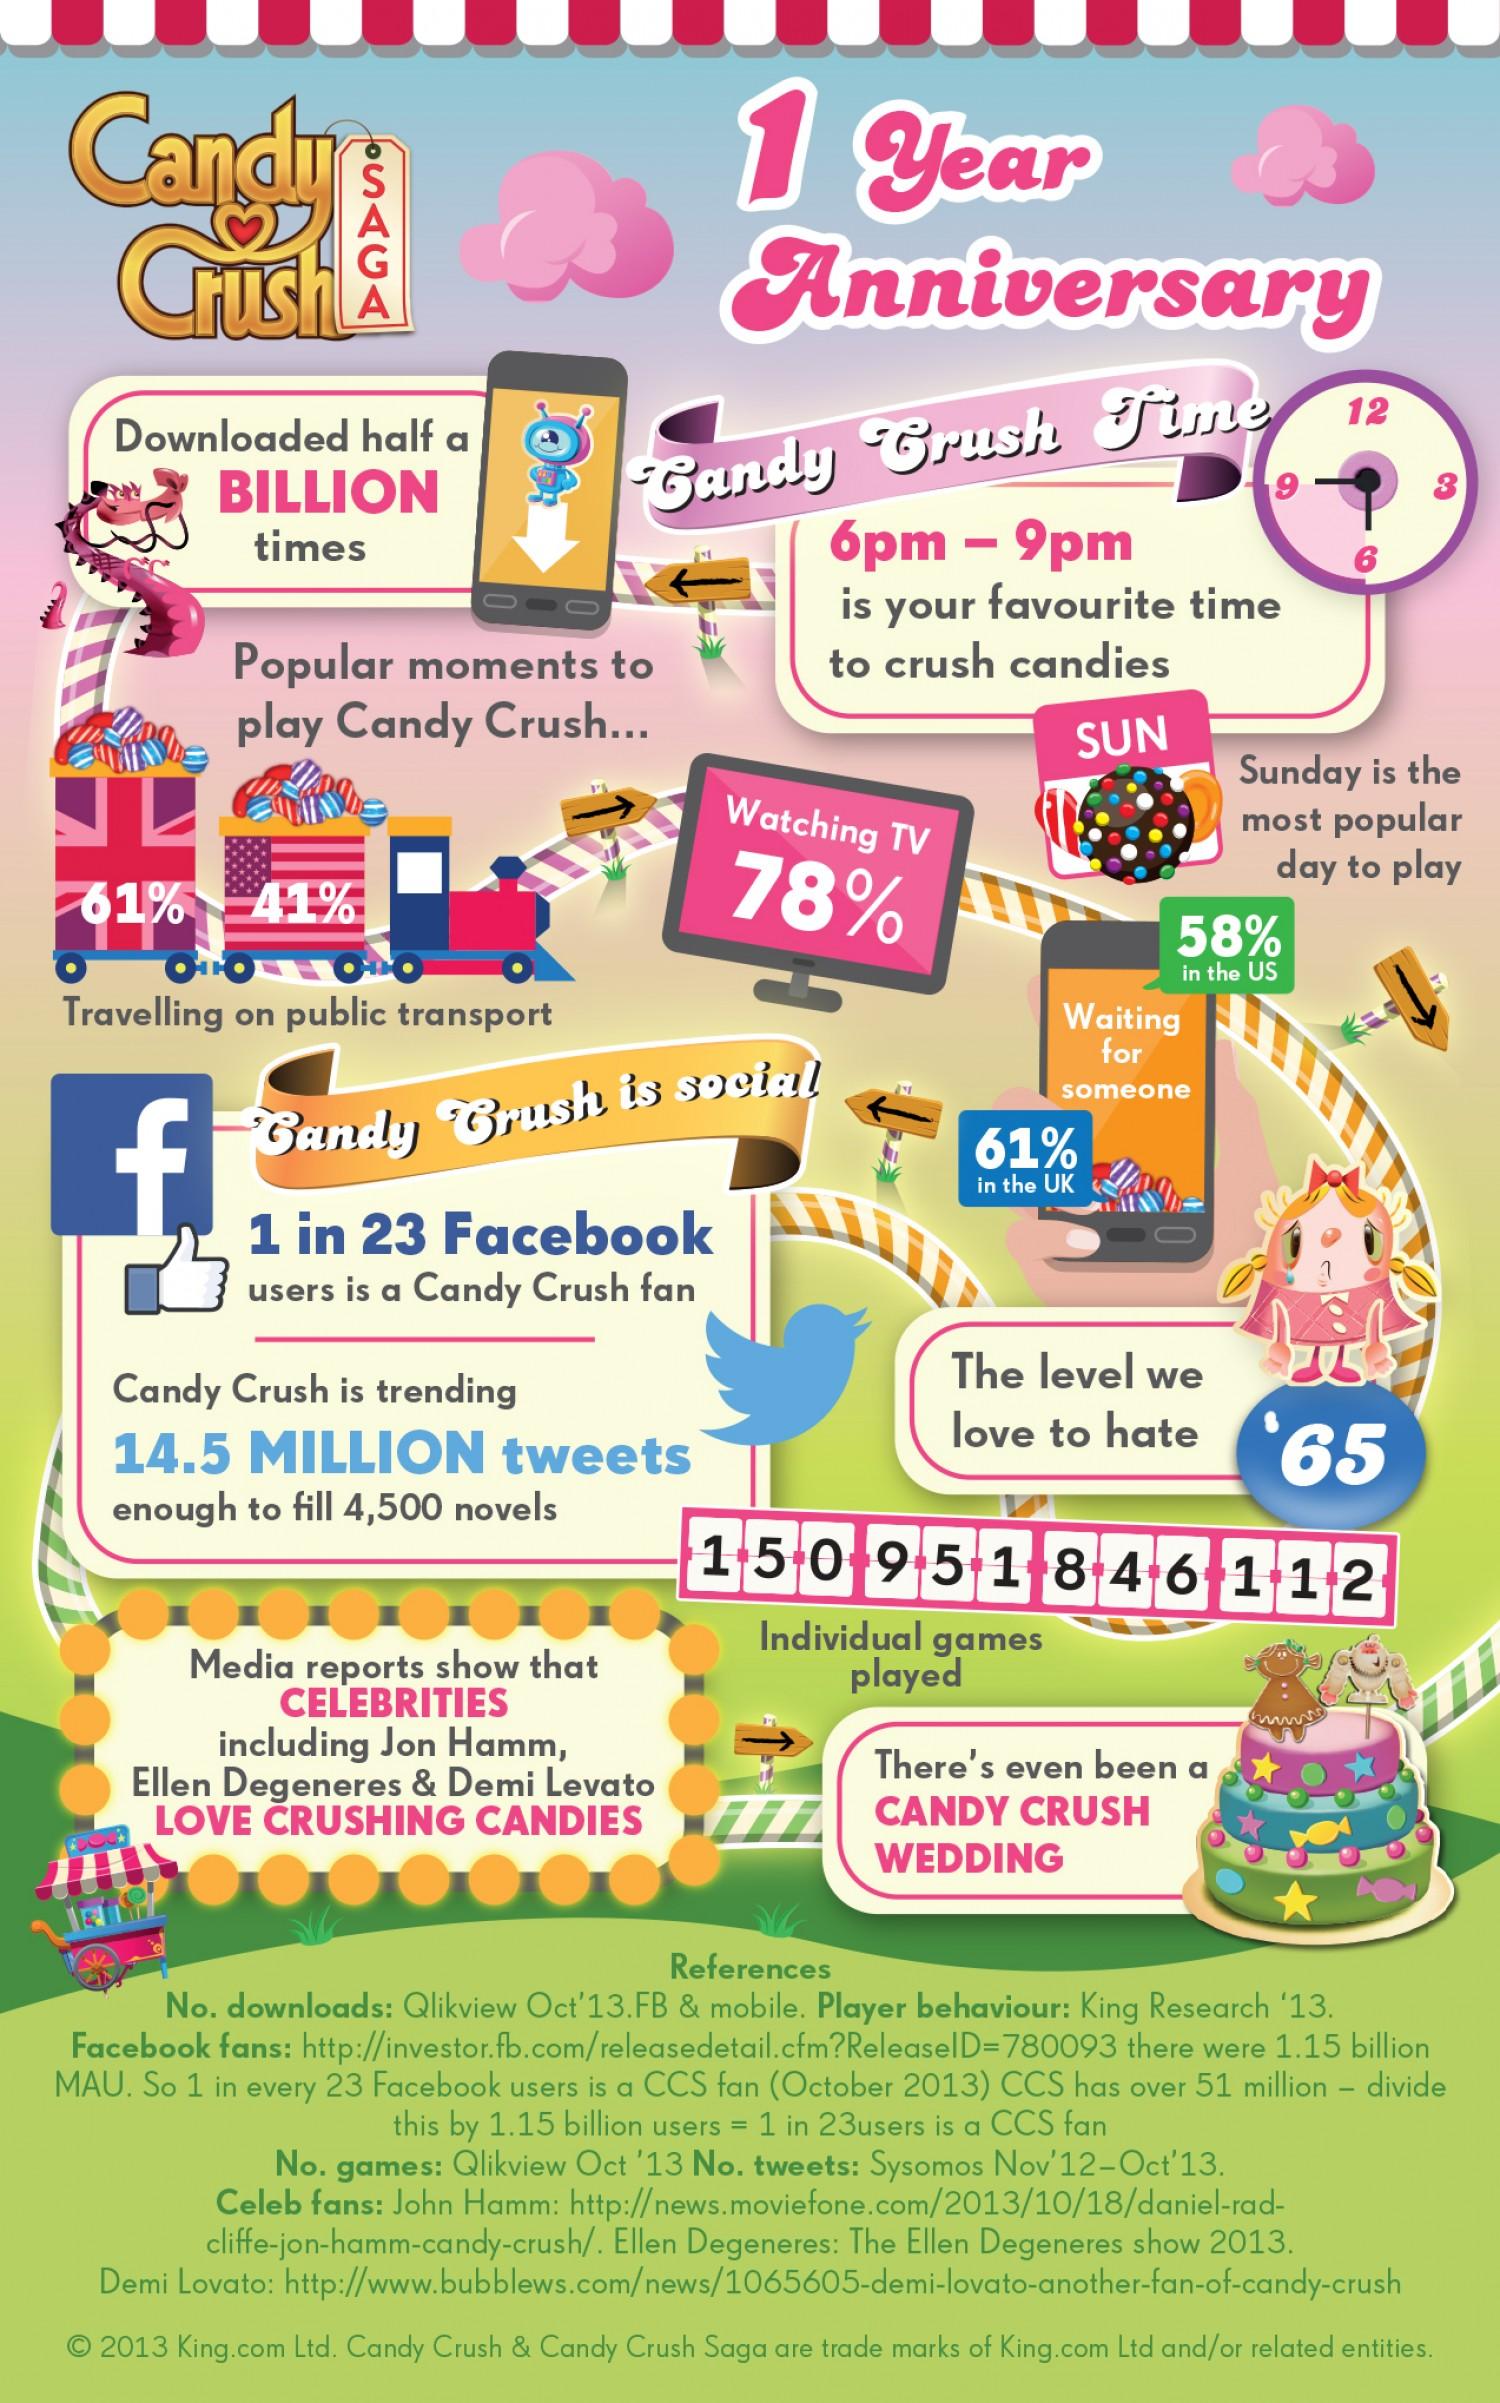 candy-crush-1-year-anniversary-infographic_5286479c86bcb_w1500